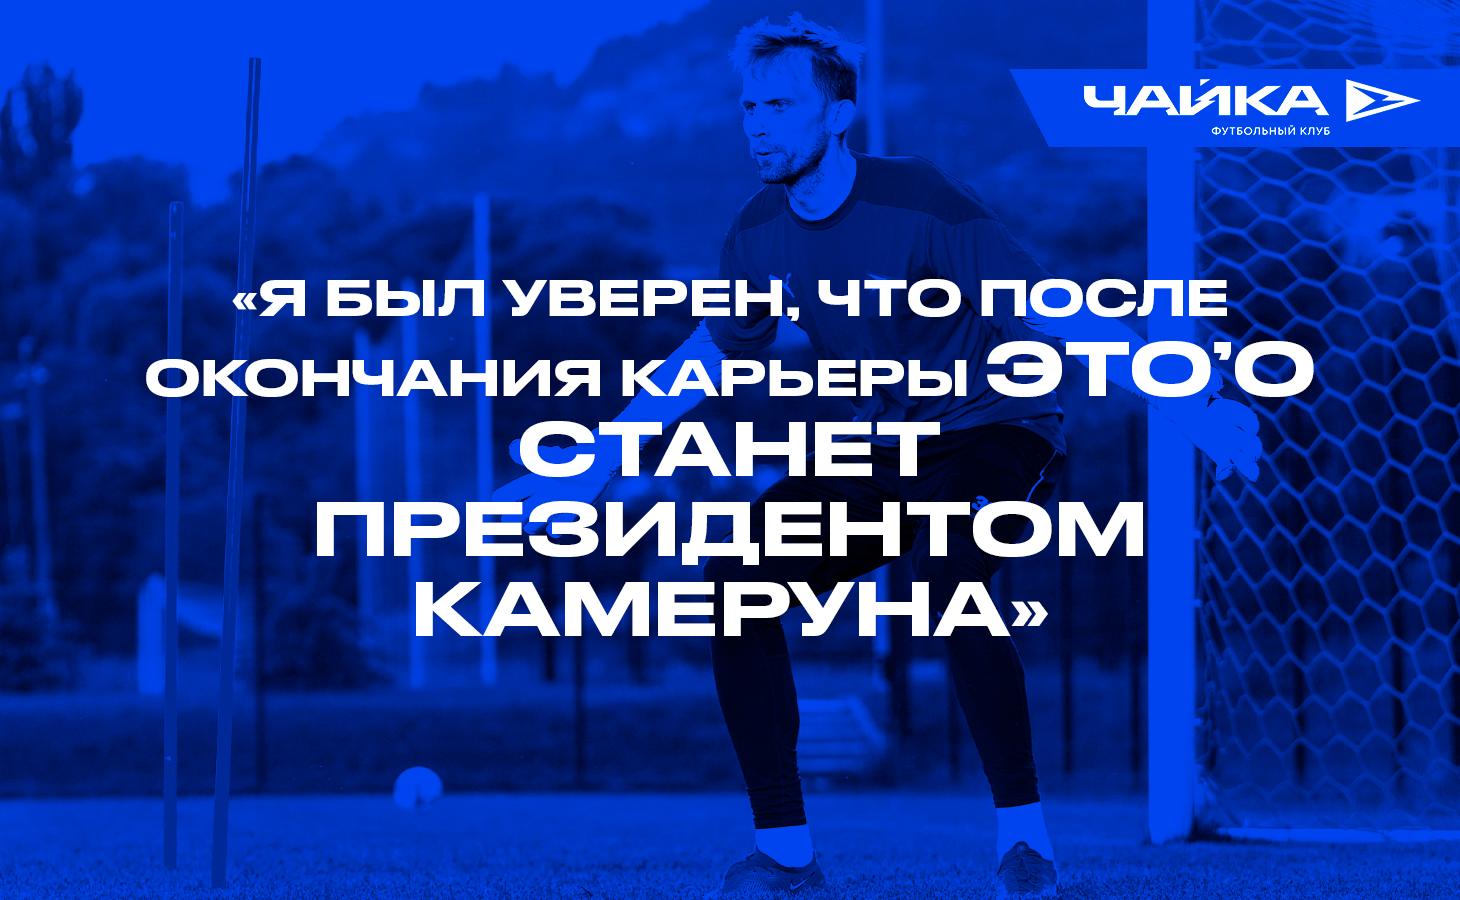 Выигрывал Евро U17, хотел стать №1 в ЦСКА (при Акинфееве), вынуждал кувыркаться Это'О и застал протесты в Беларуси